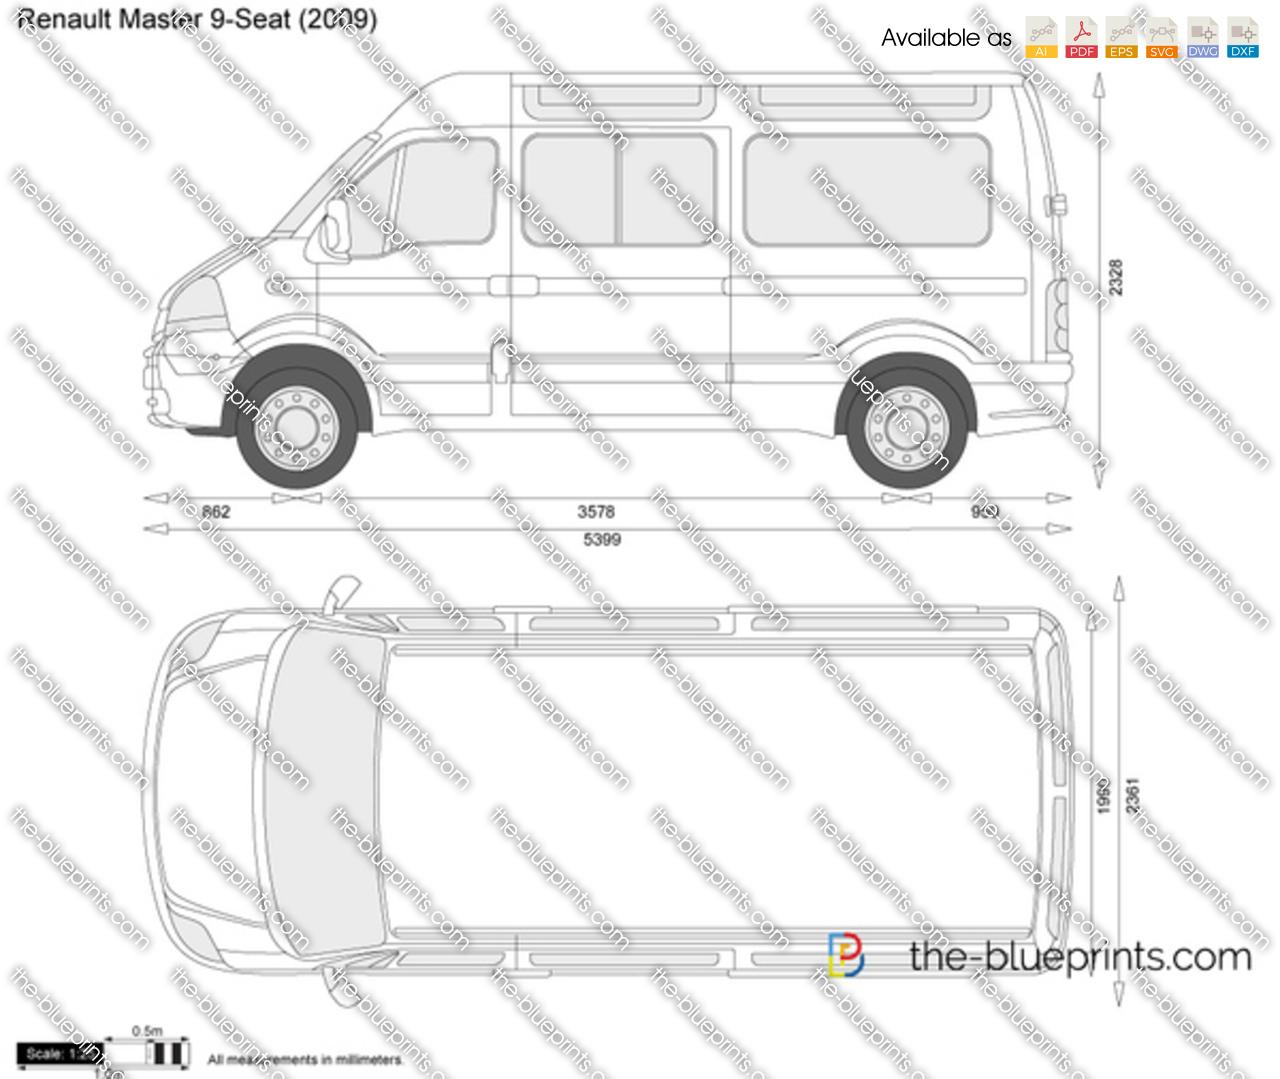 Renault Master 9-Seat 2008